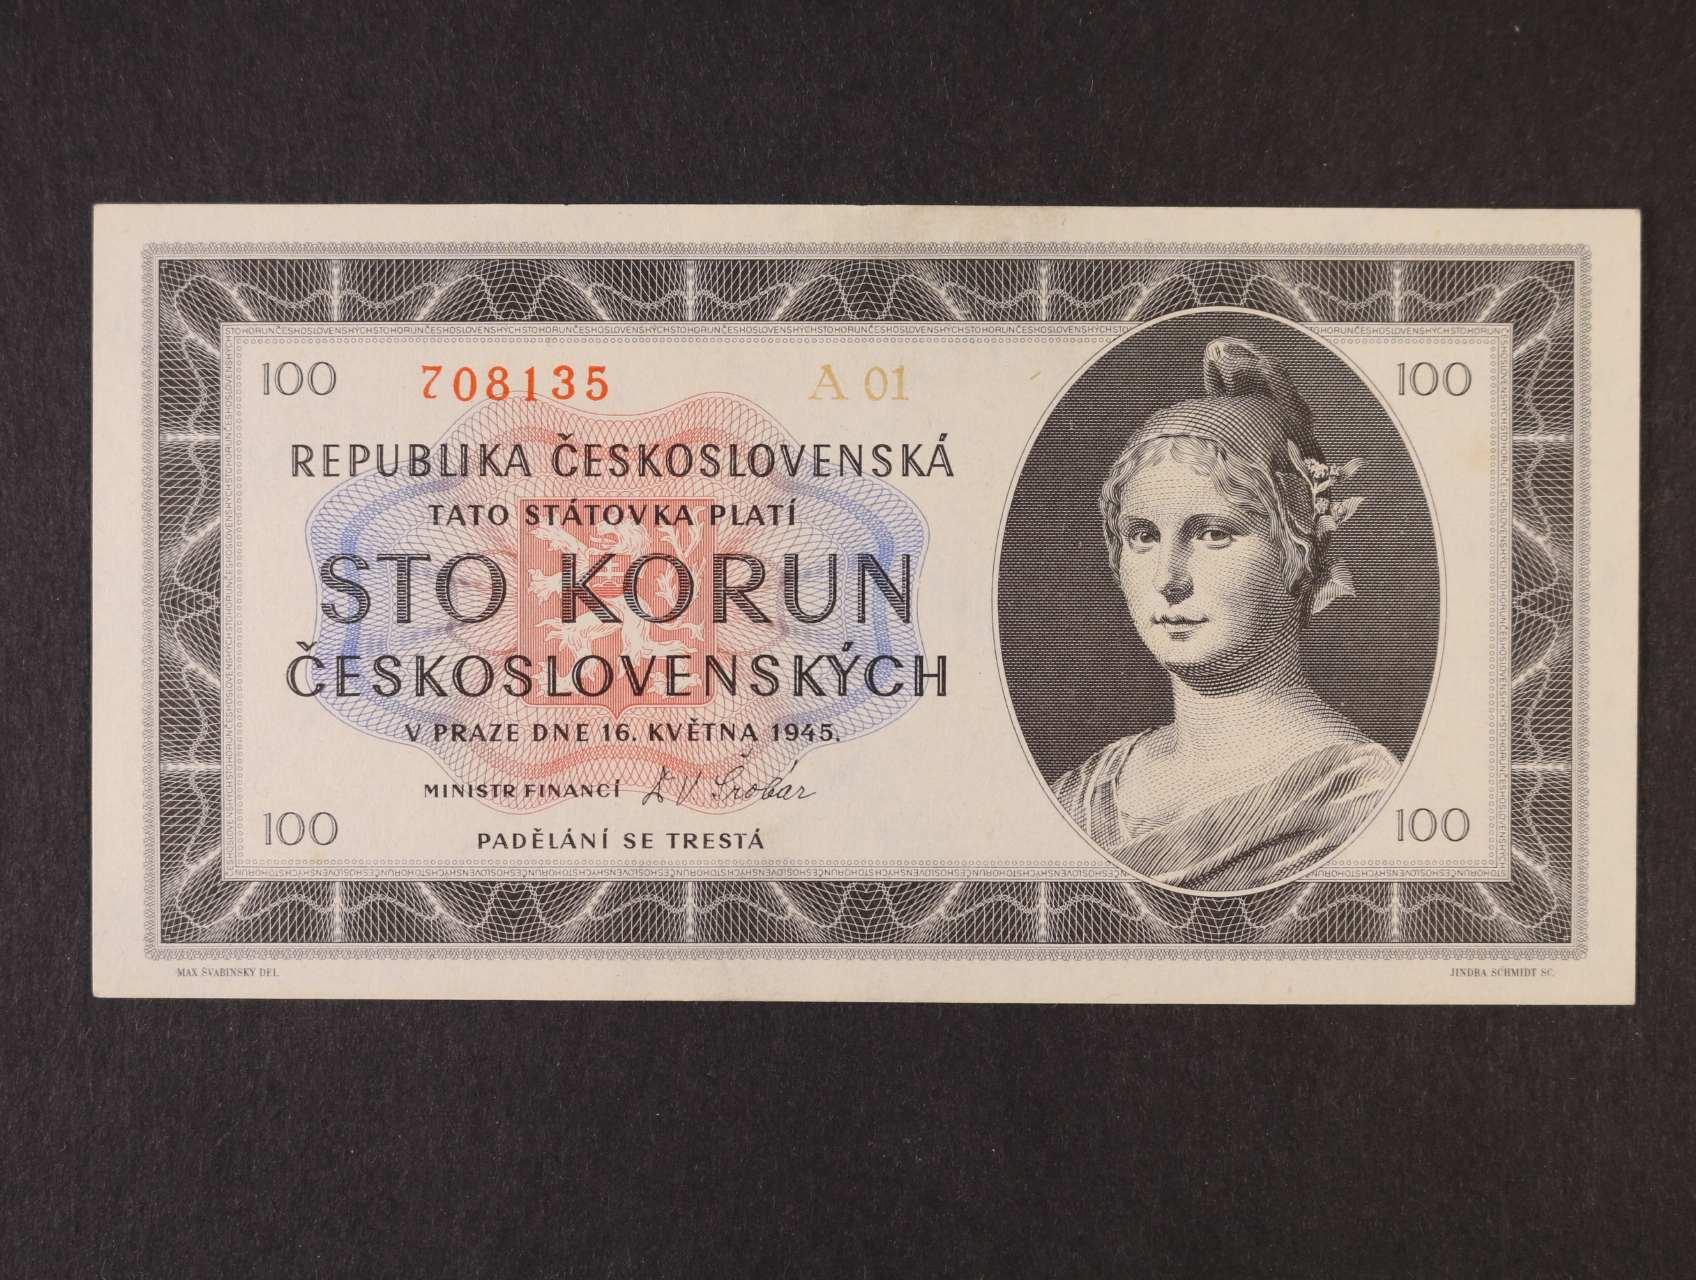 100 Kčs 16.5.1945 série A 01, Ba. 77a1, Pi. 67a